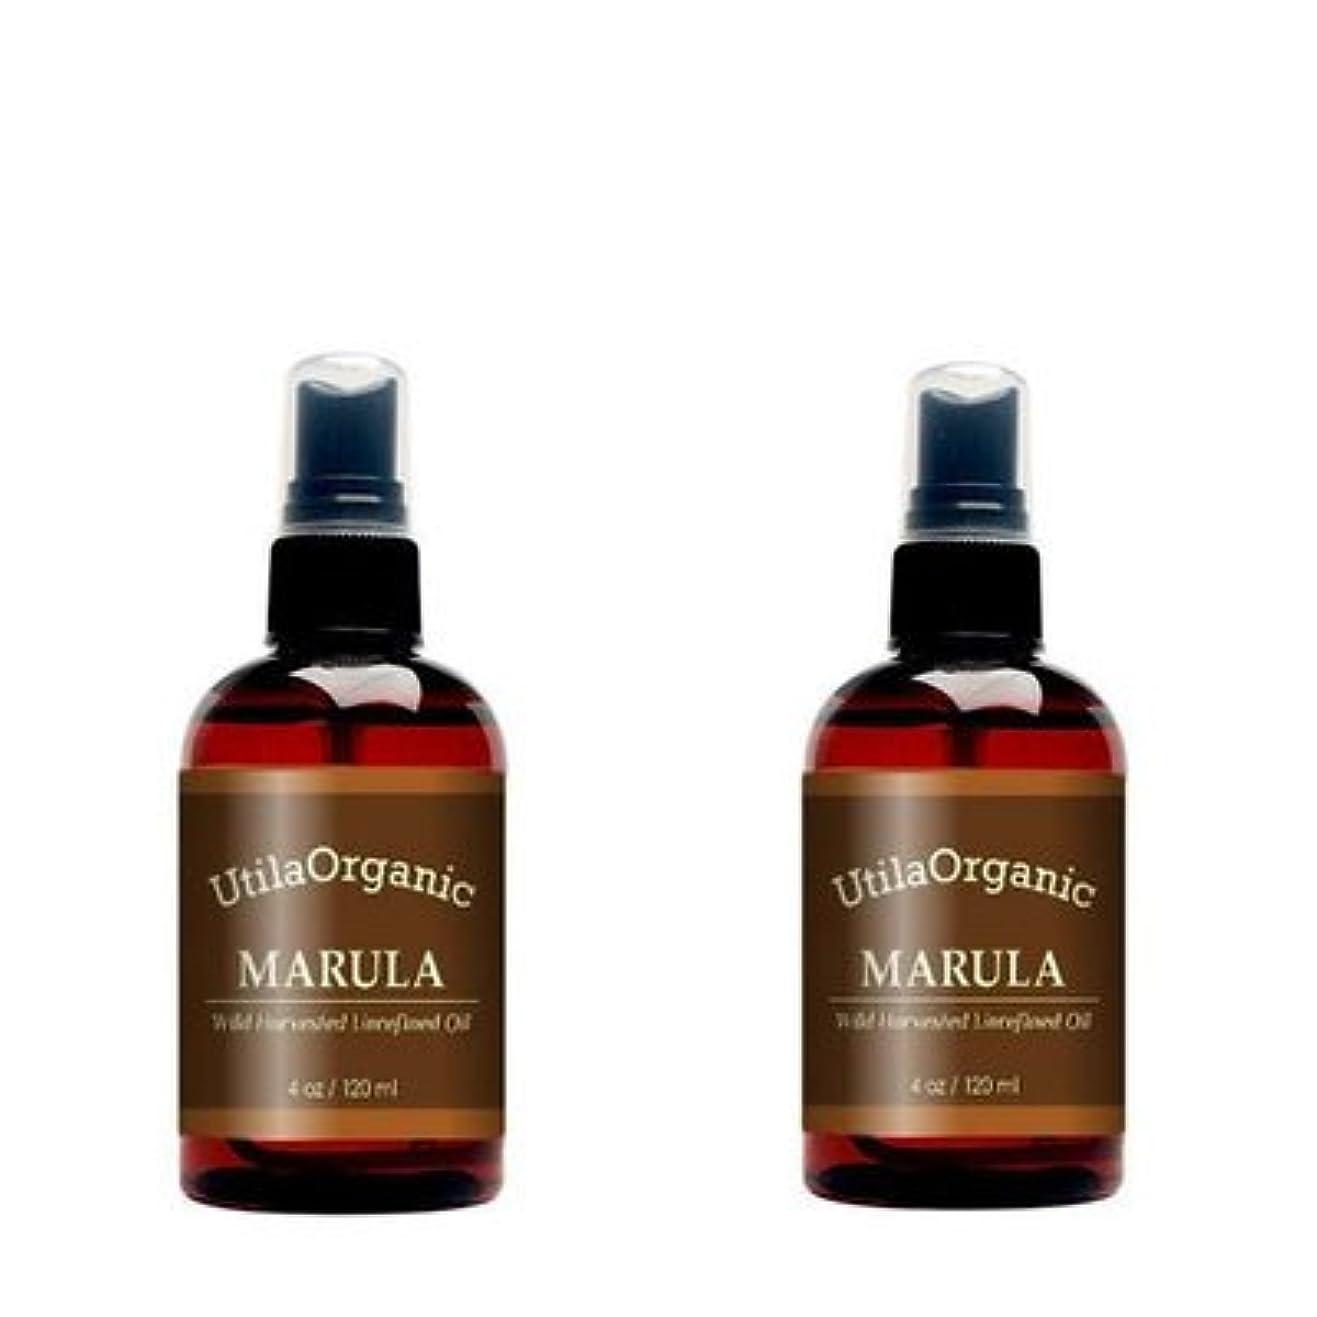 締める汚れたハイランドお得な2本セット! 未精製 マルラオイル 120ml Marula Oil 100% pure【並行輸入品】